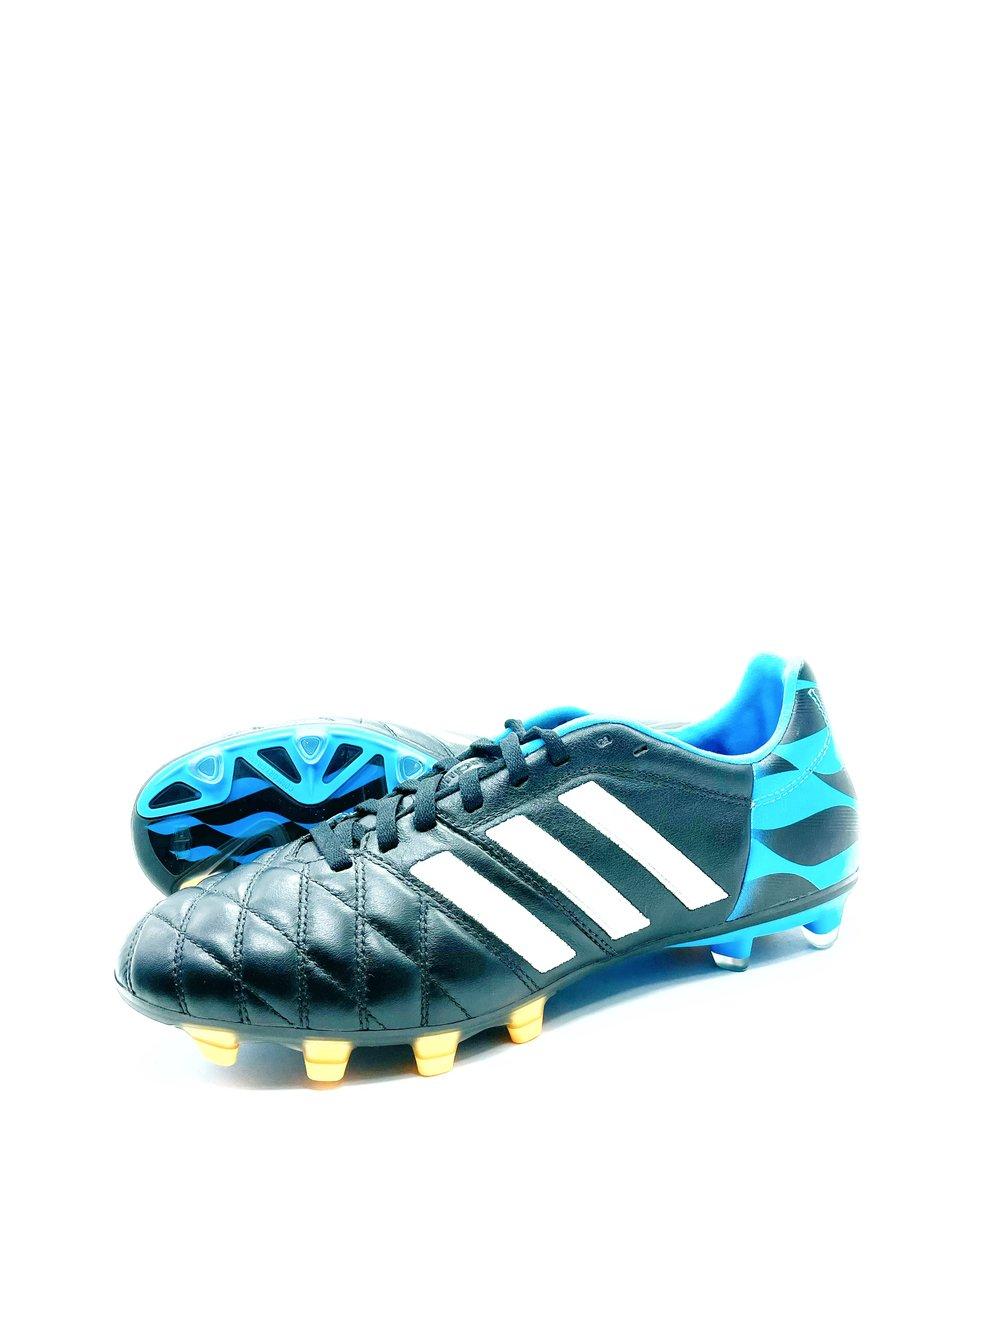 Image of Adidas 11pro FG blue